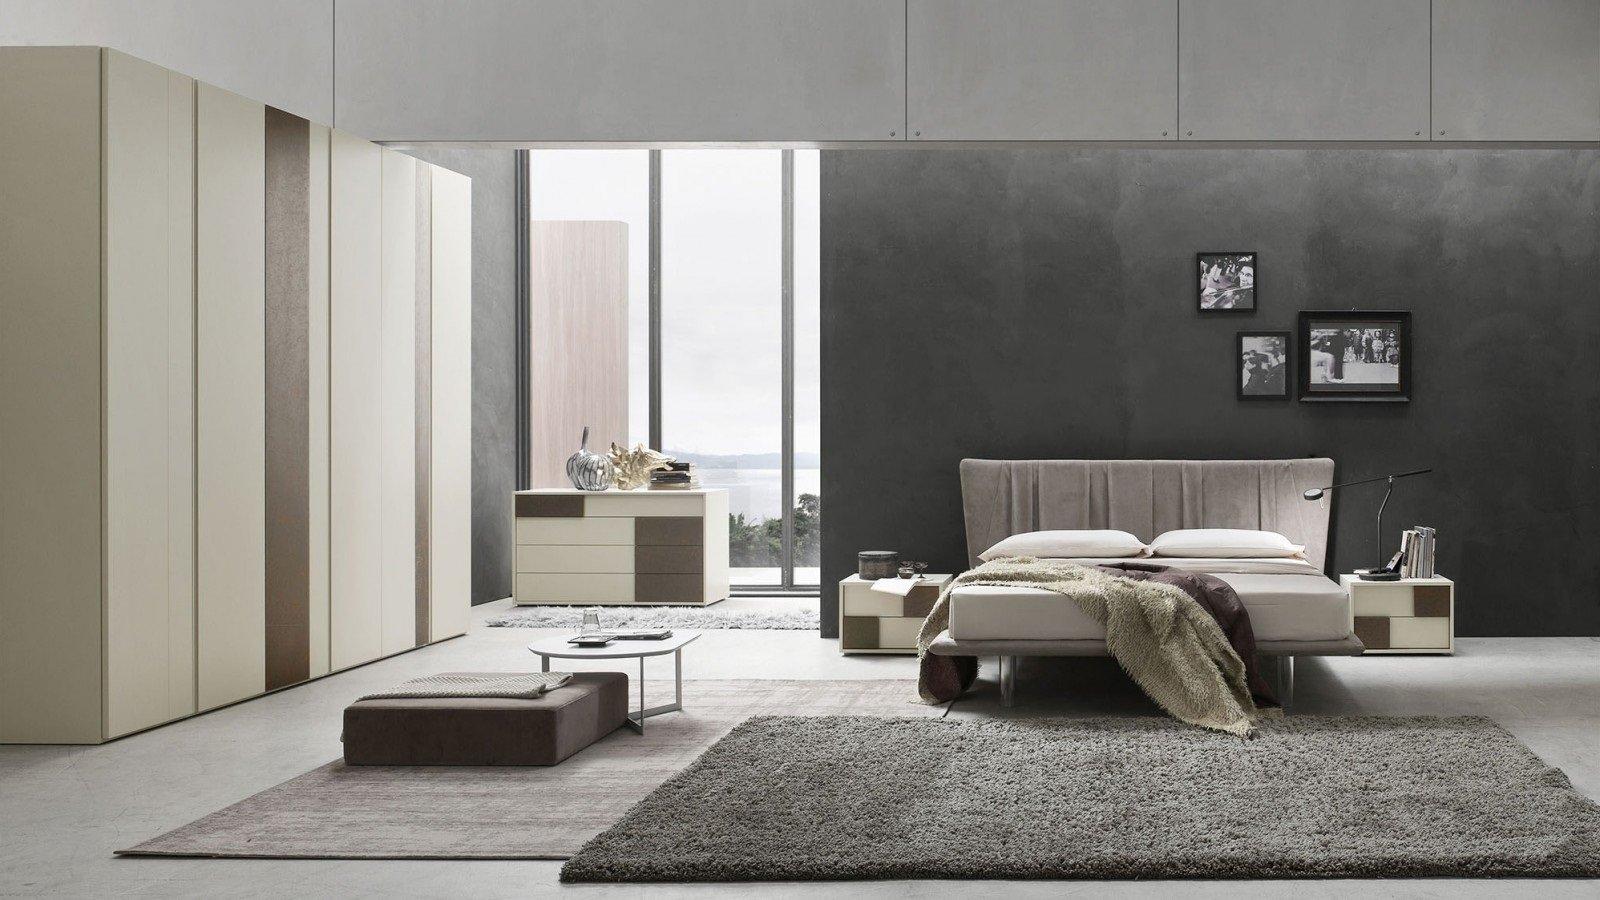 una camera con un letto e un armadio di color beige